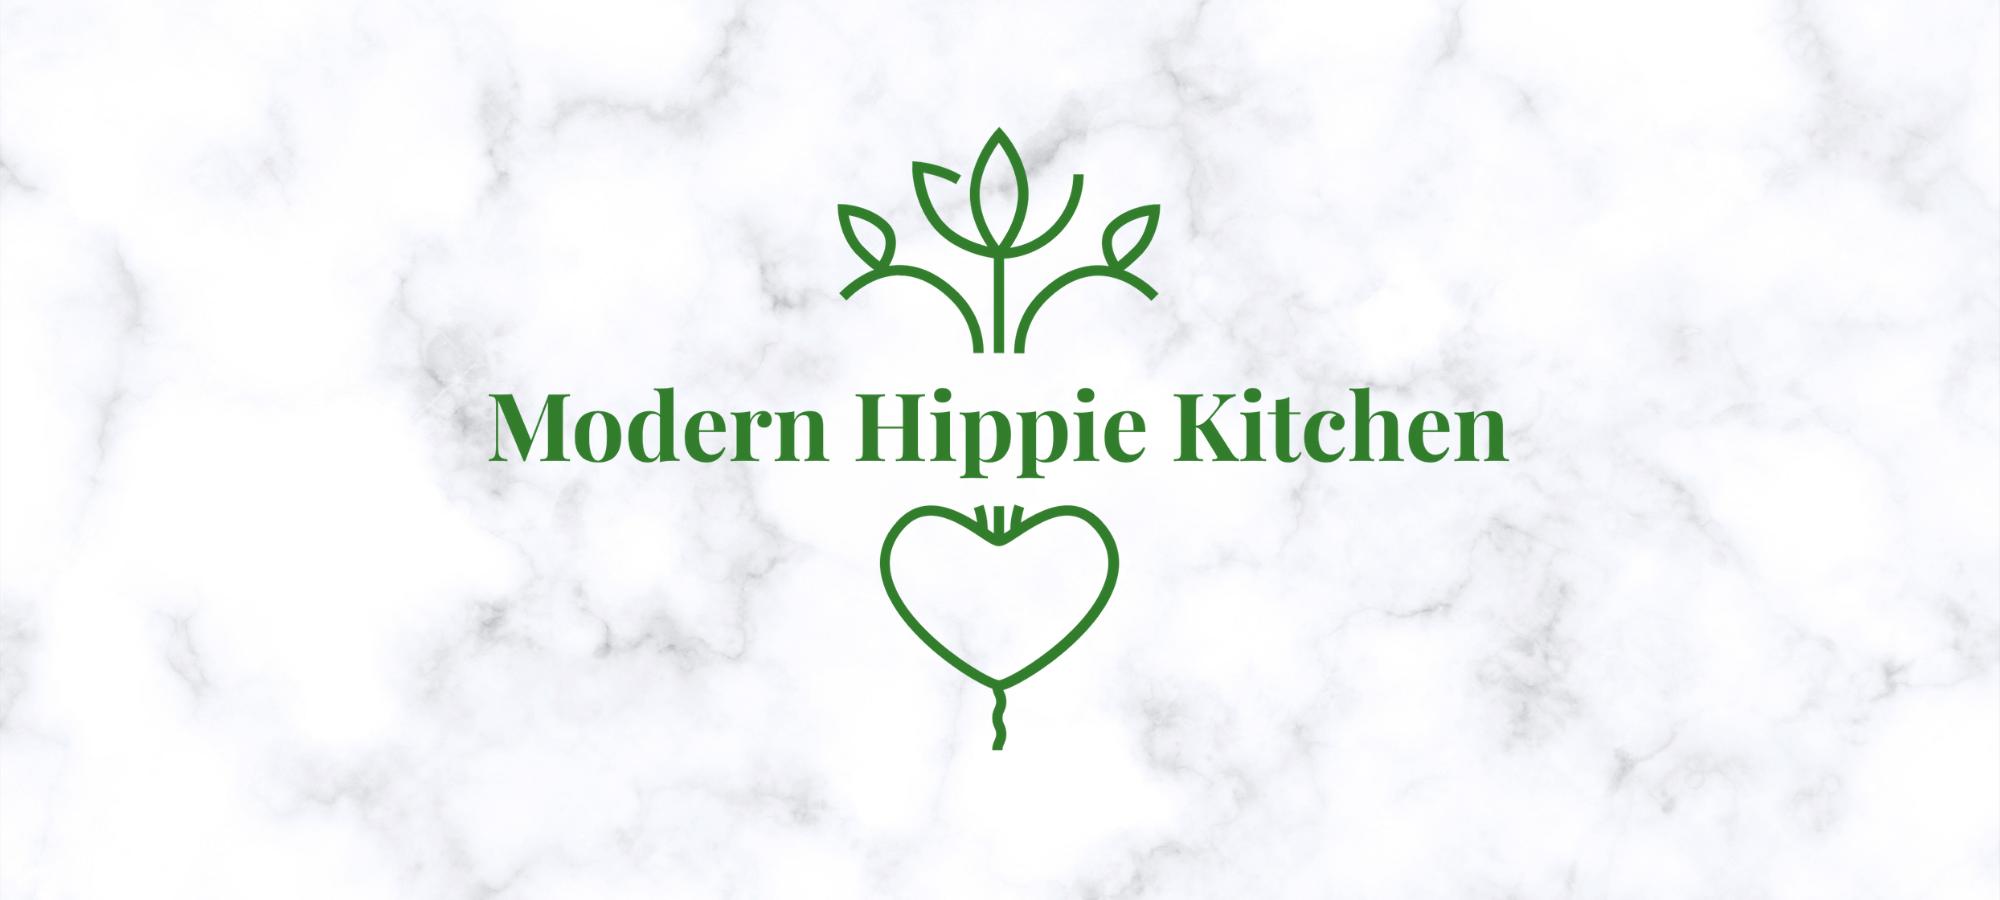 Modern Hippie Kitchen